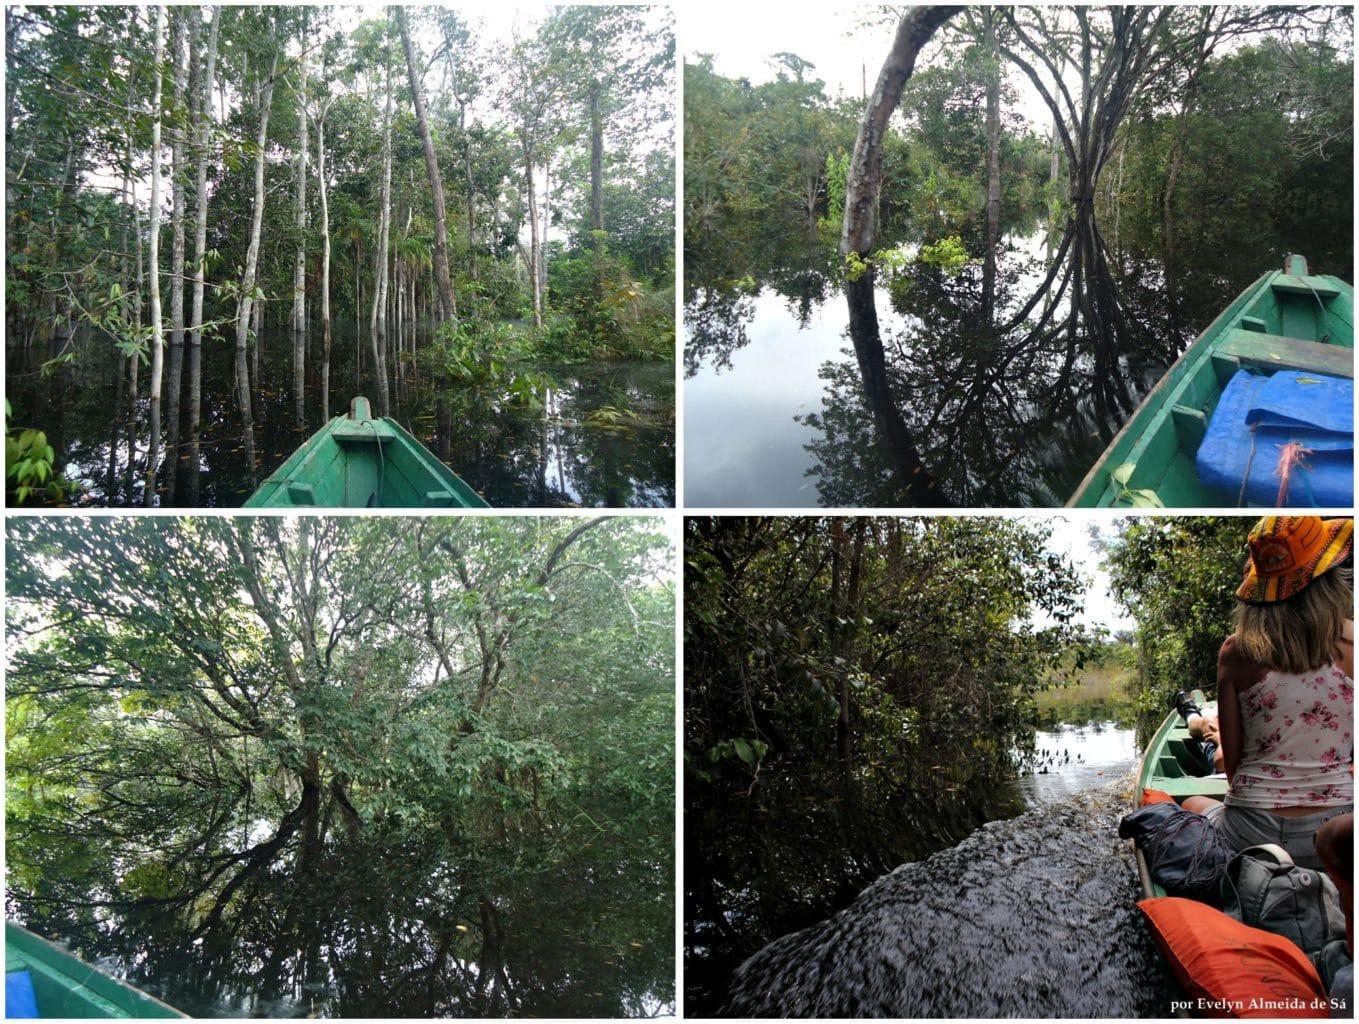 Evelyn 4 - Roteiro Amazônia – dia 2